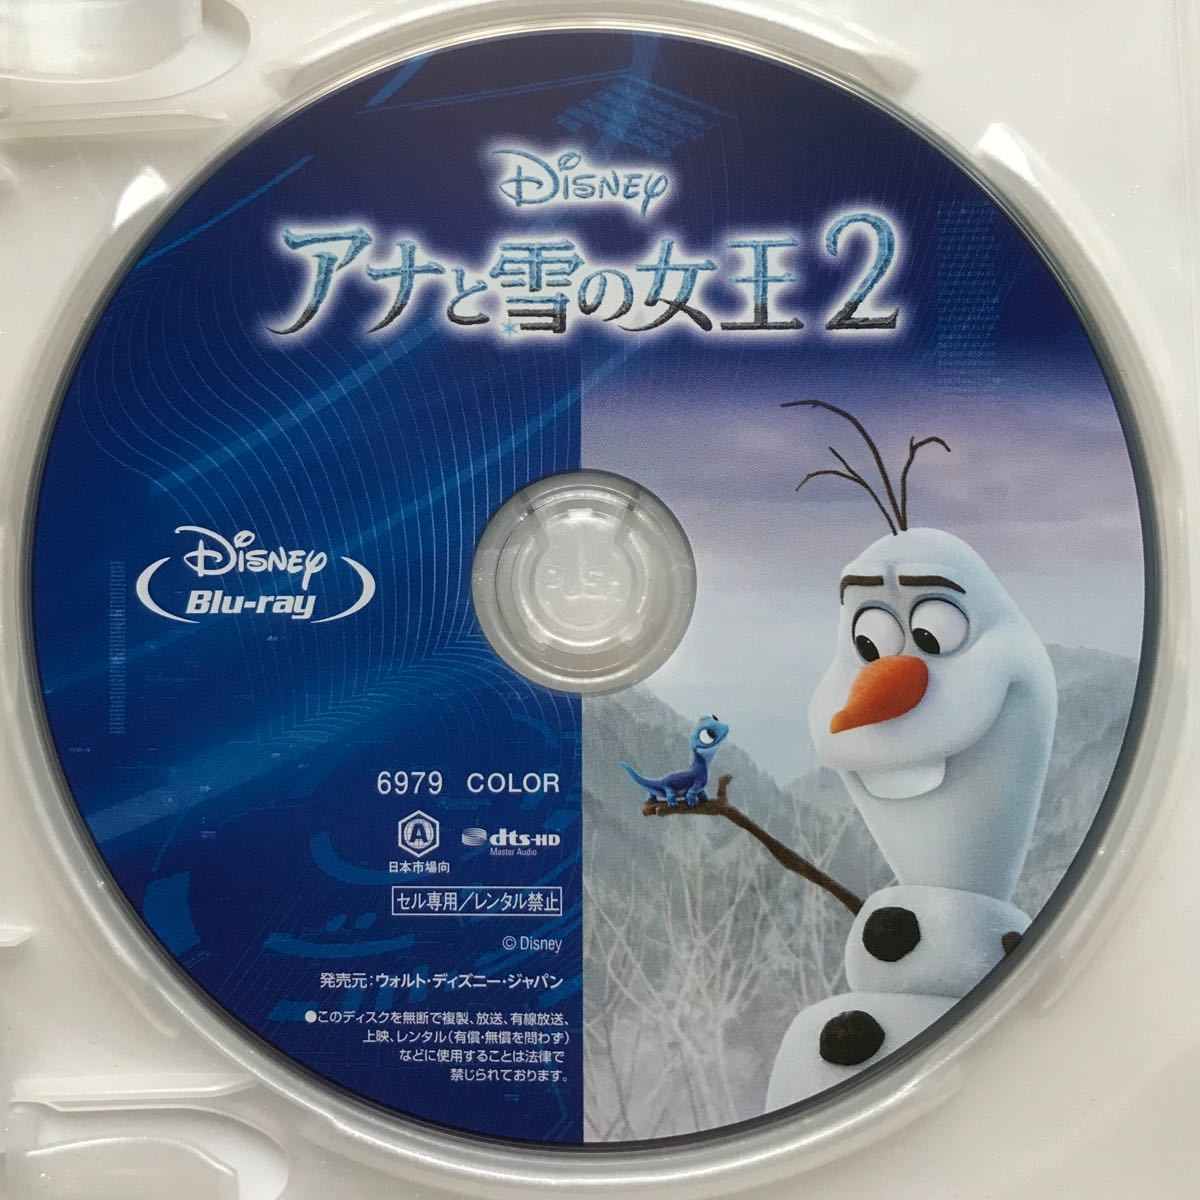 アナと雪の女王2 ブルーレイ 純正ケース、マジックコード付き MovieNEX Blu-ray 新品未再生